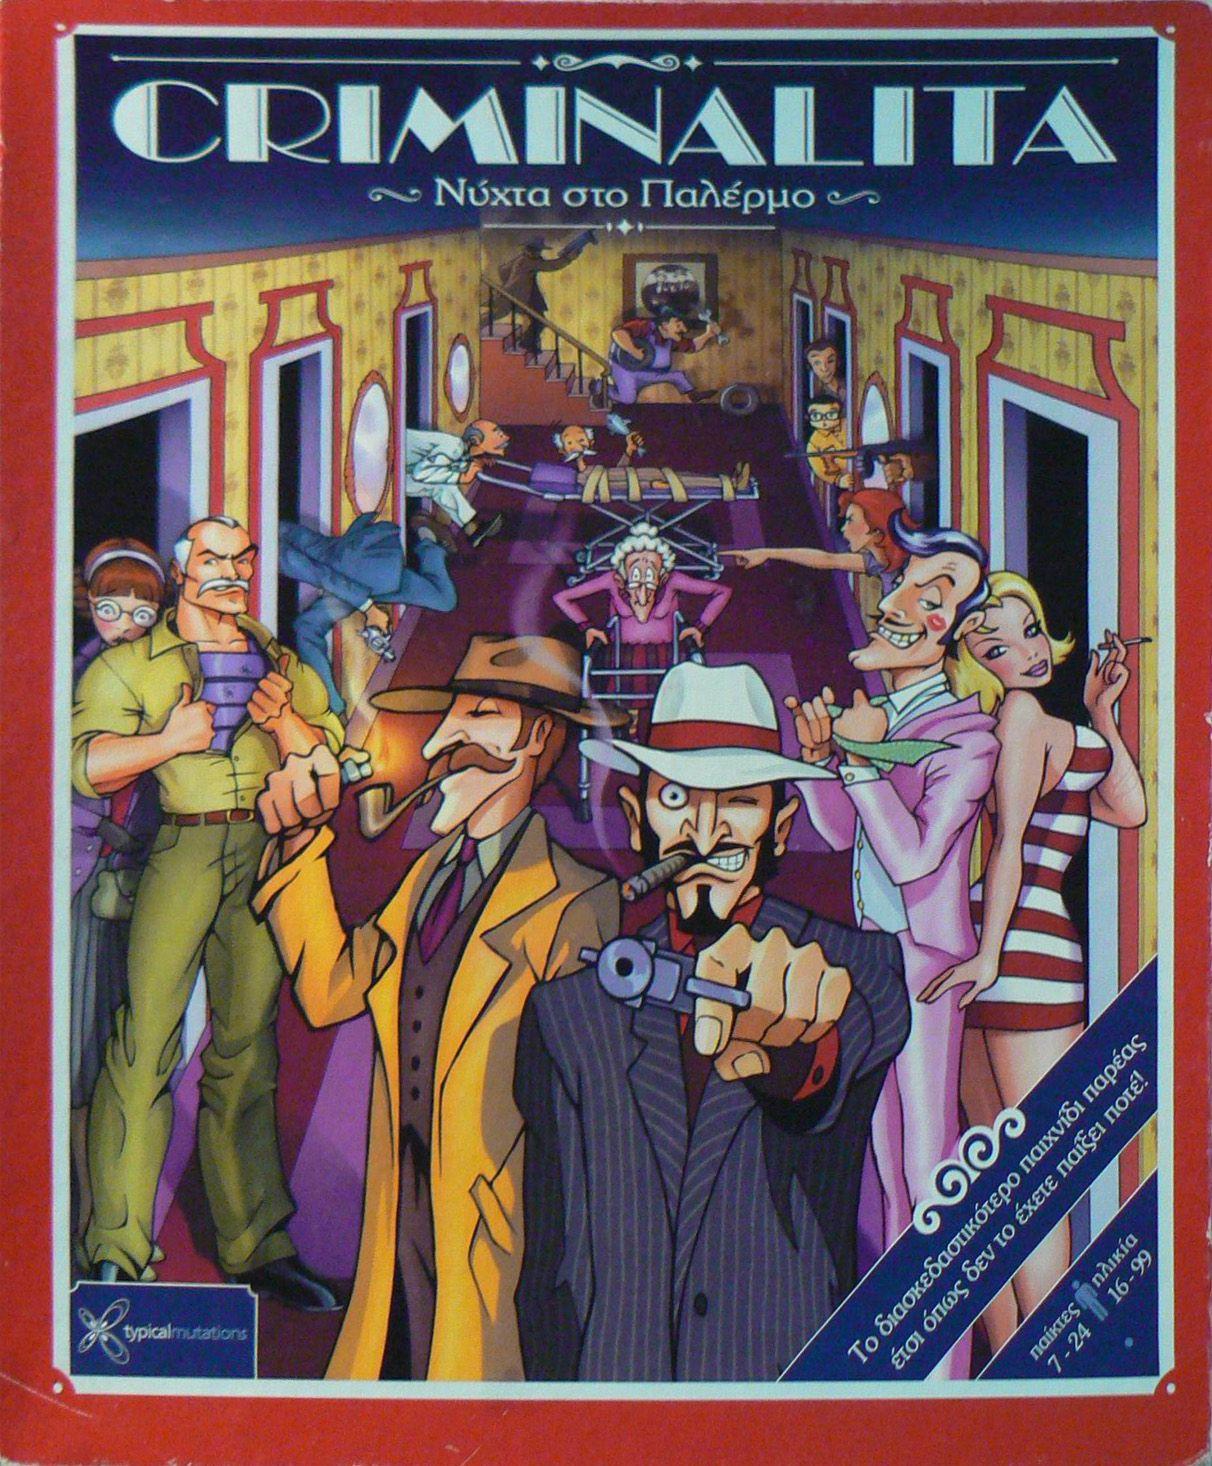 Criminalita Board games, Comic book cover, Mafia